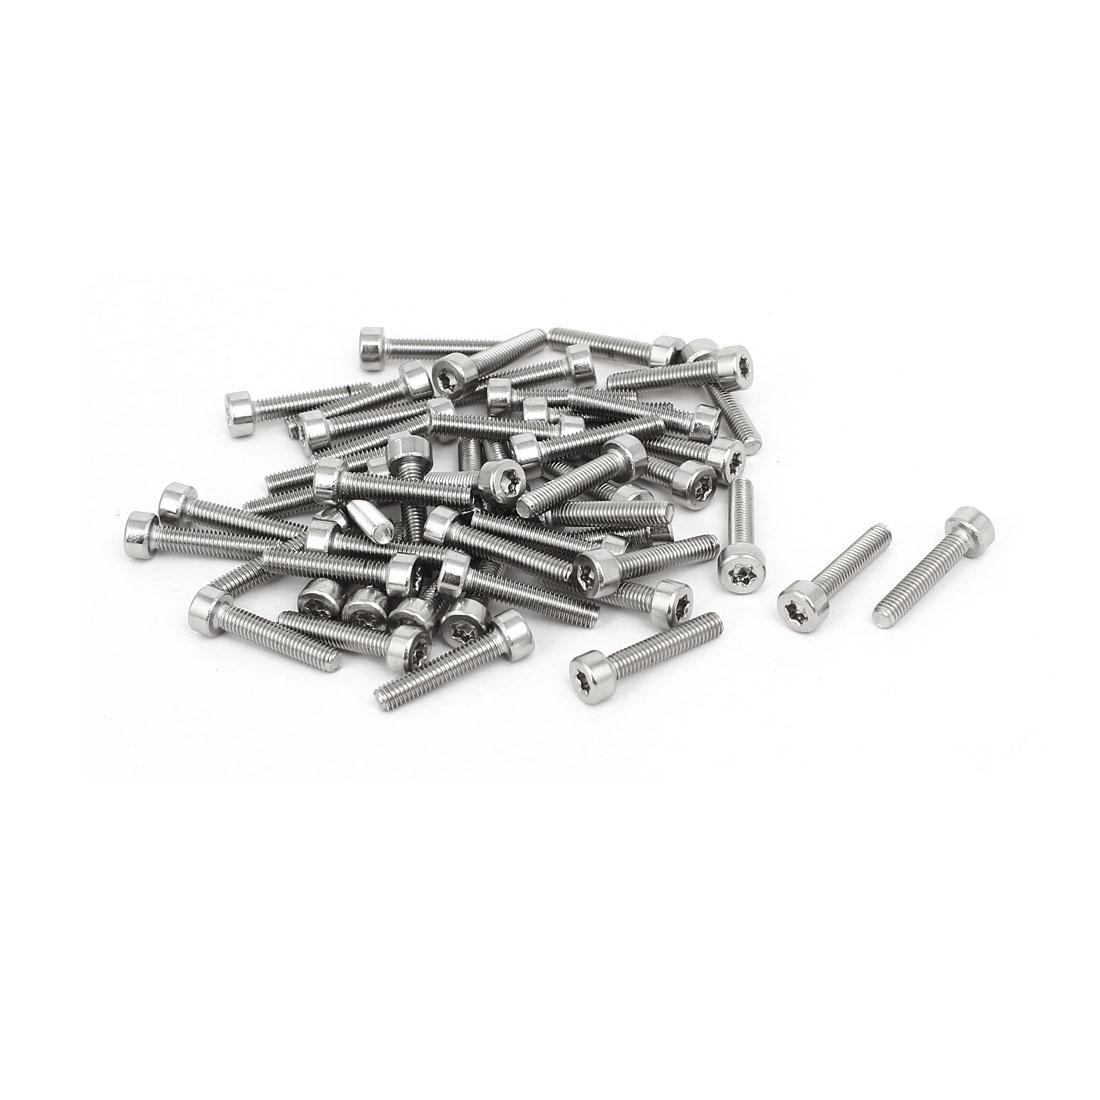 M3x15m Thread T10 Torx Drive 304 Stainless Steel Torx Socket Cap Screw 50pcs